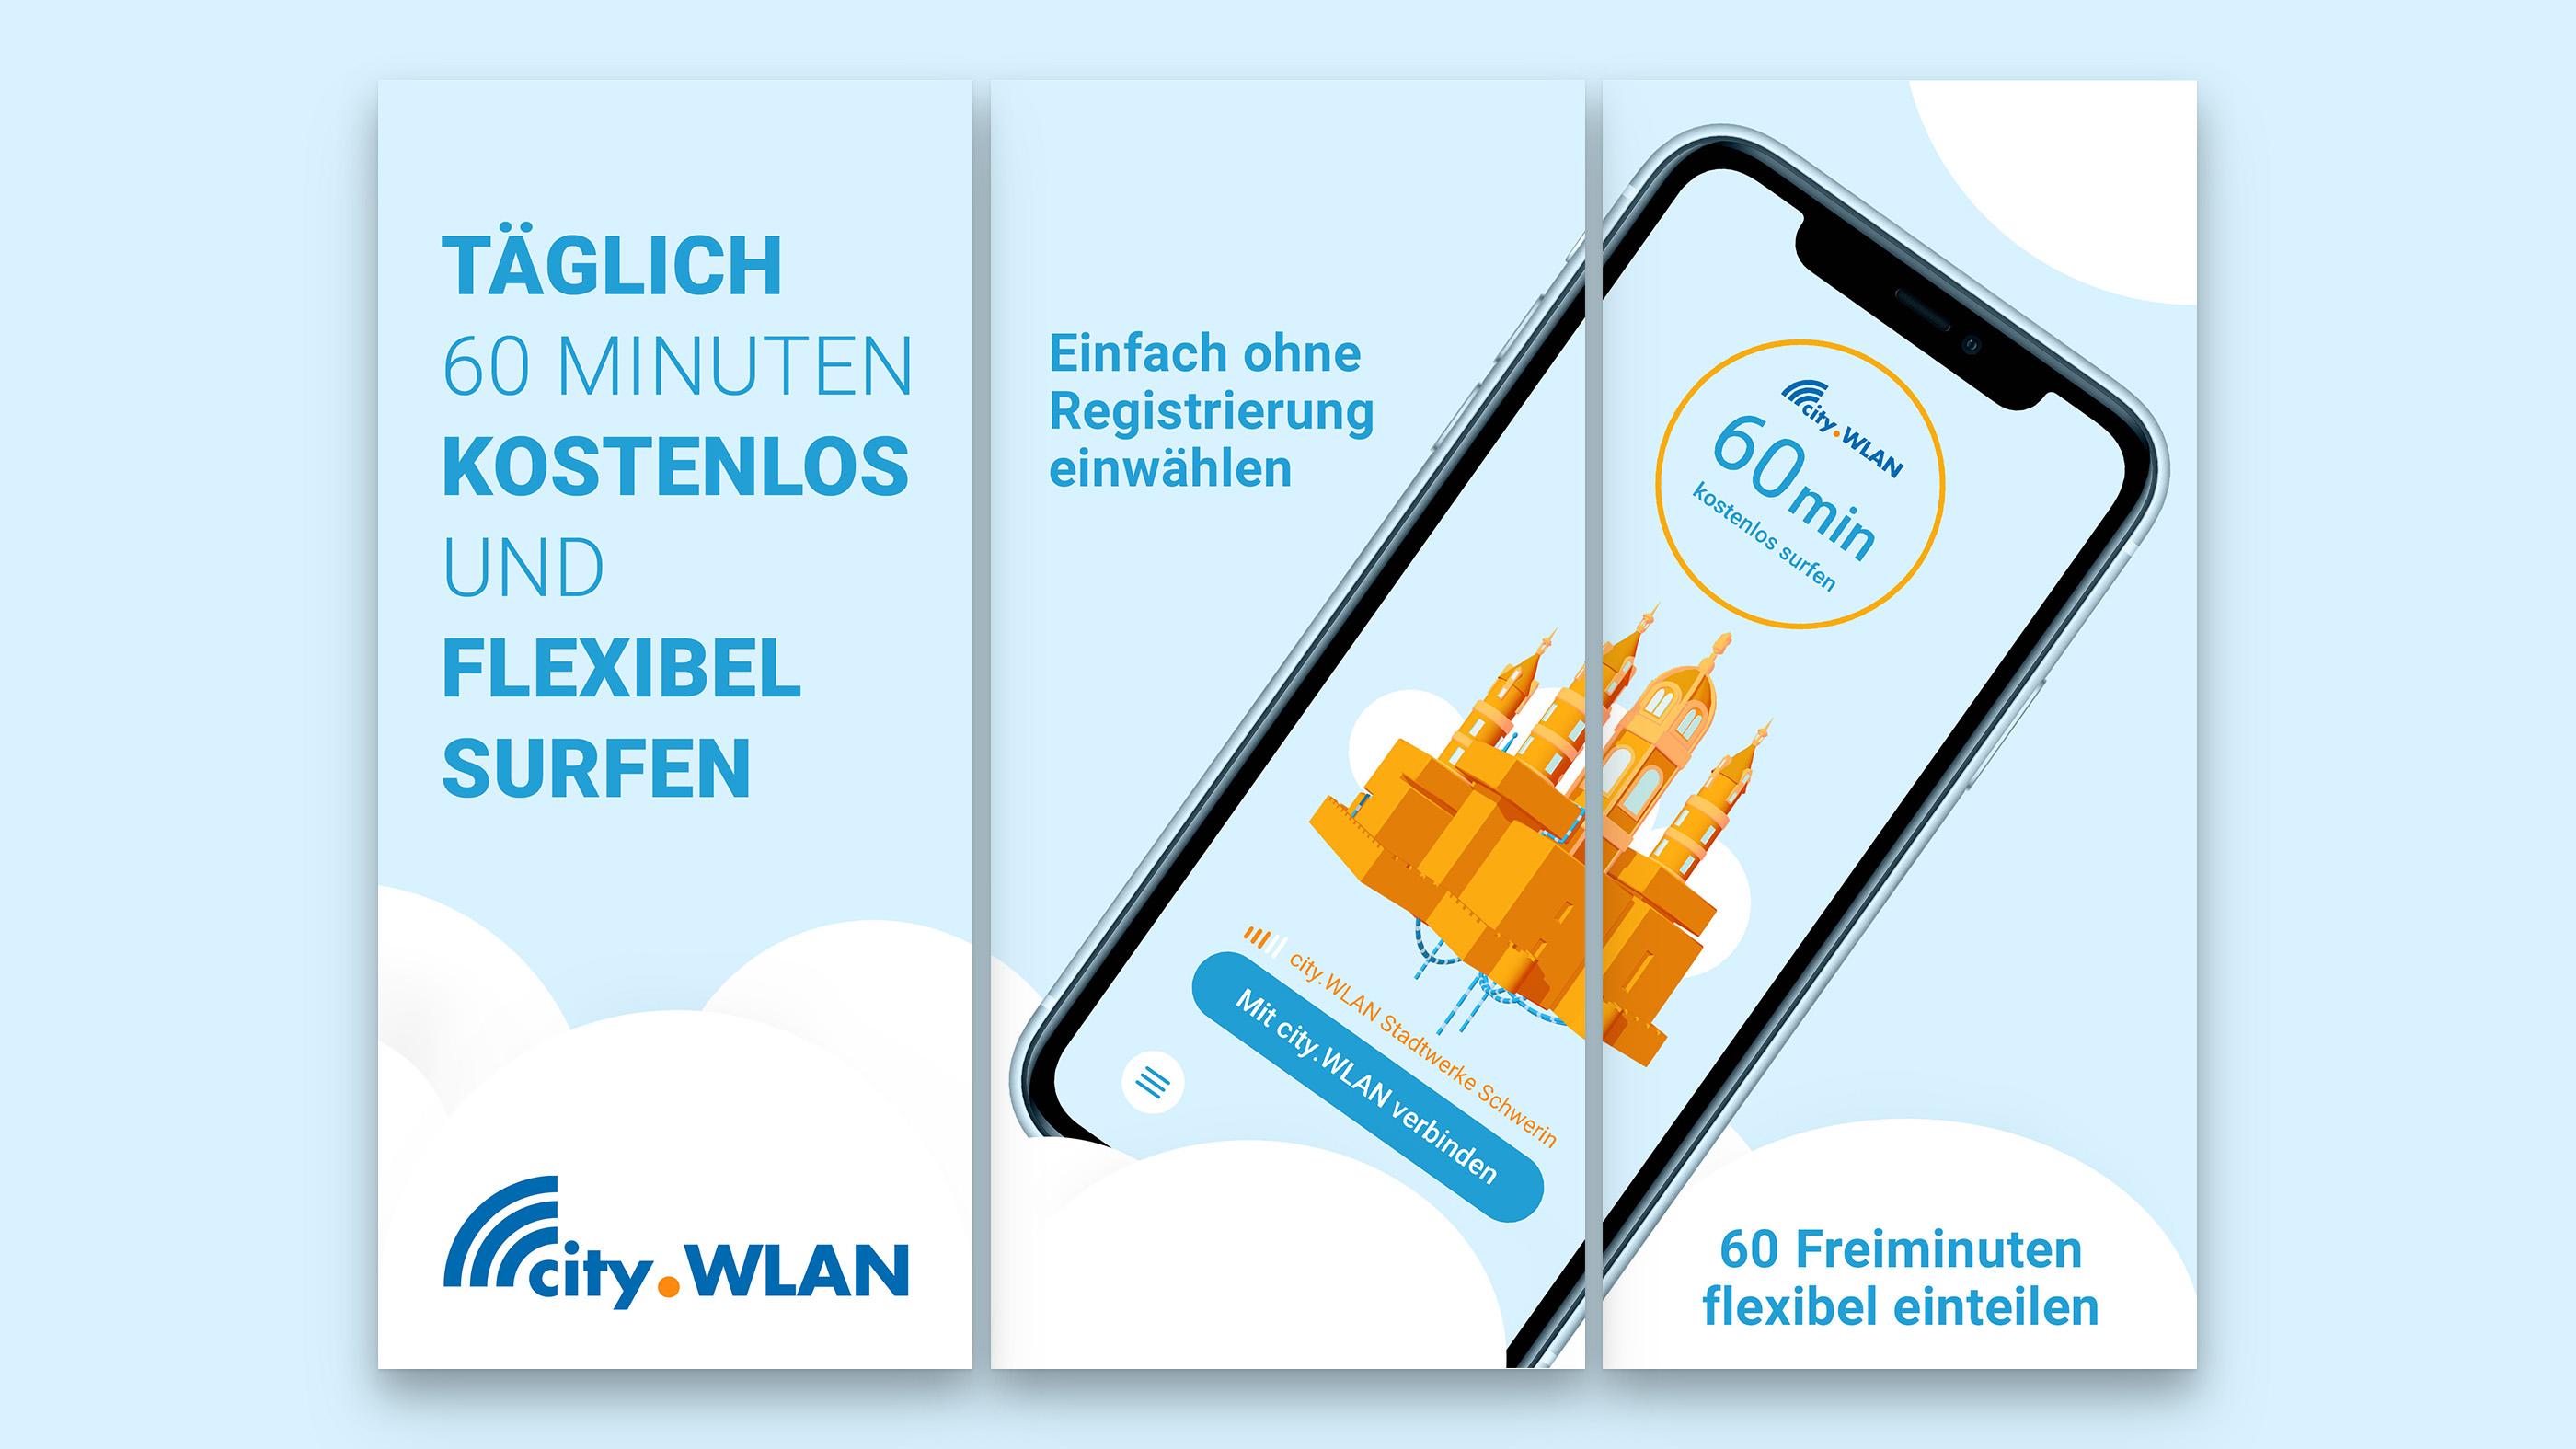 Smartphone mit cityWLAN App in der Anwendung